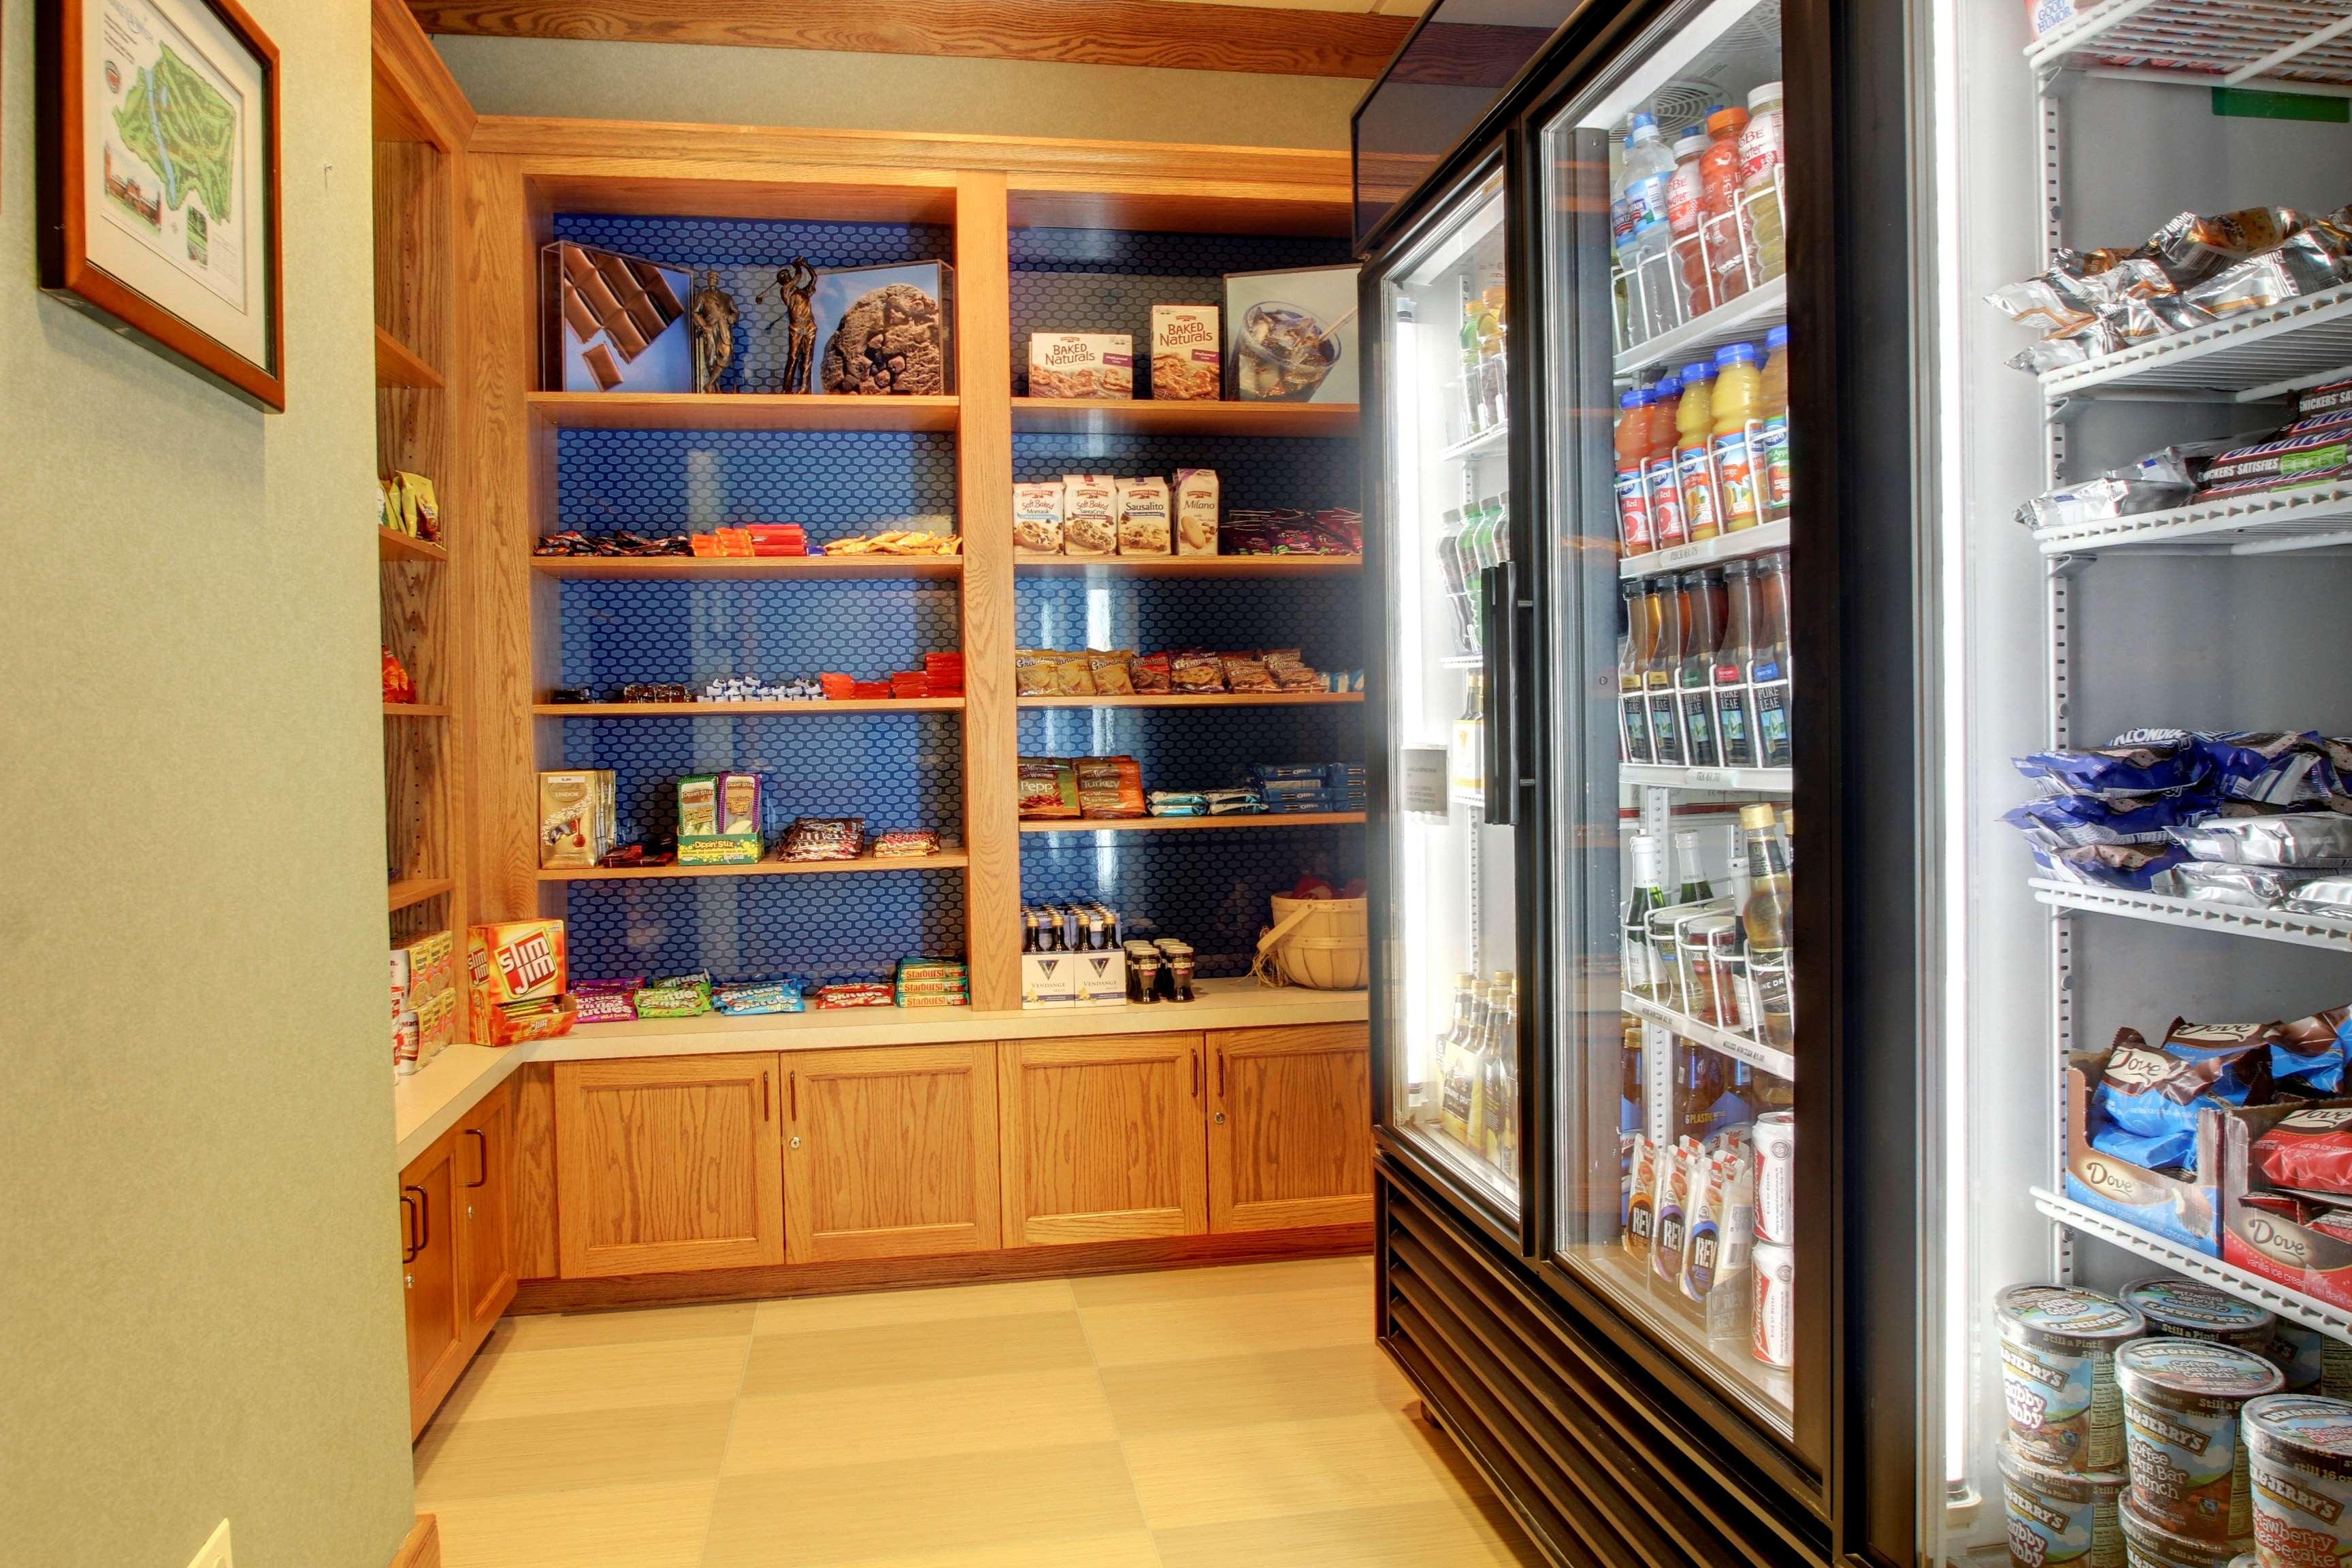 Hampton Inn & Suites Chicago/Aurora image 8